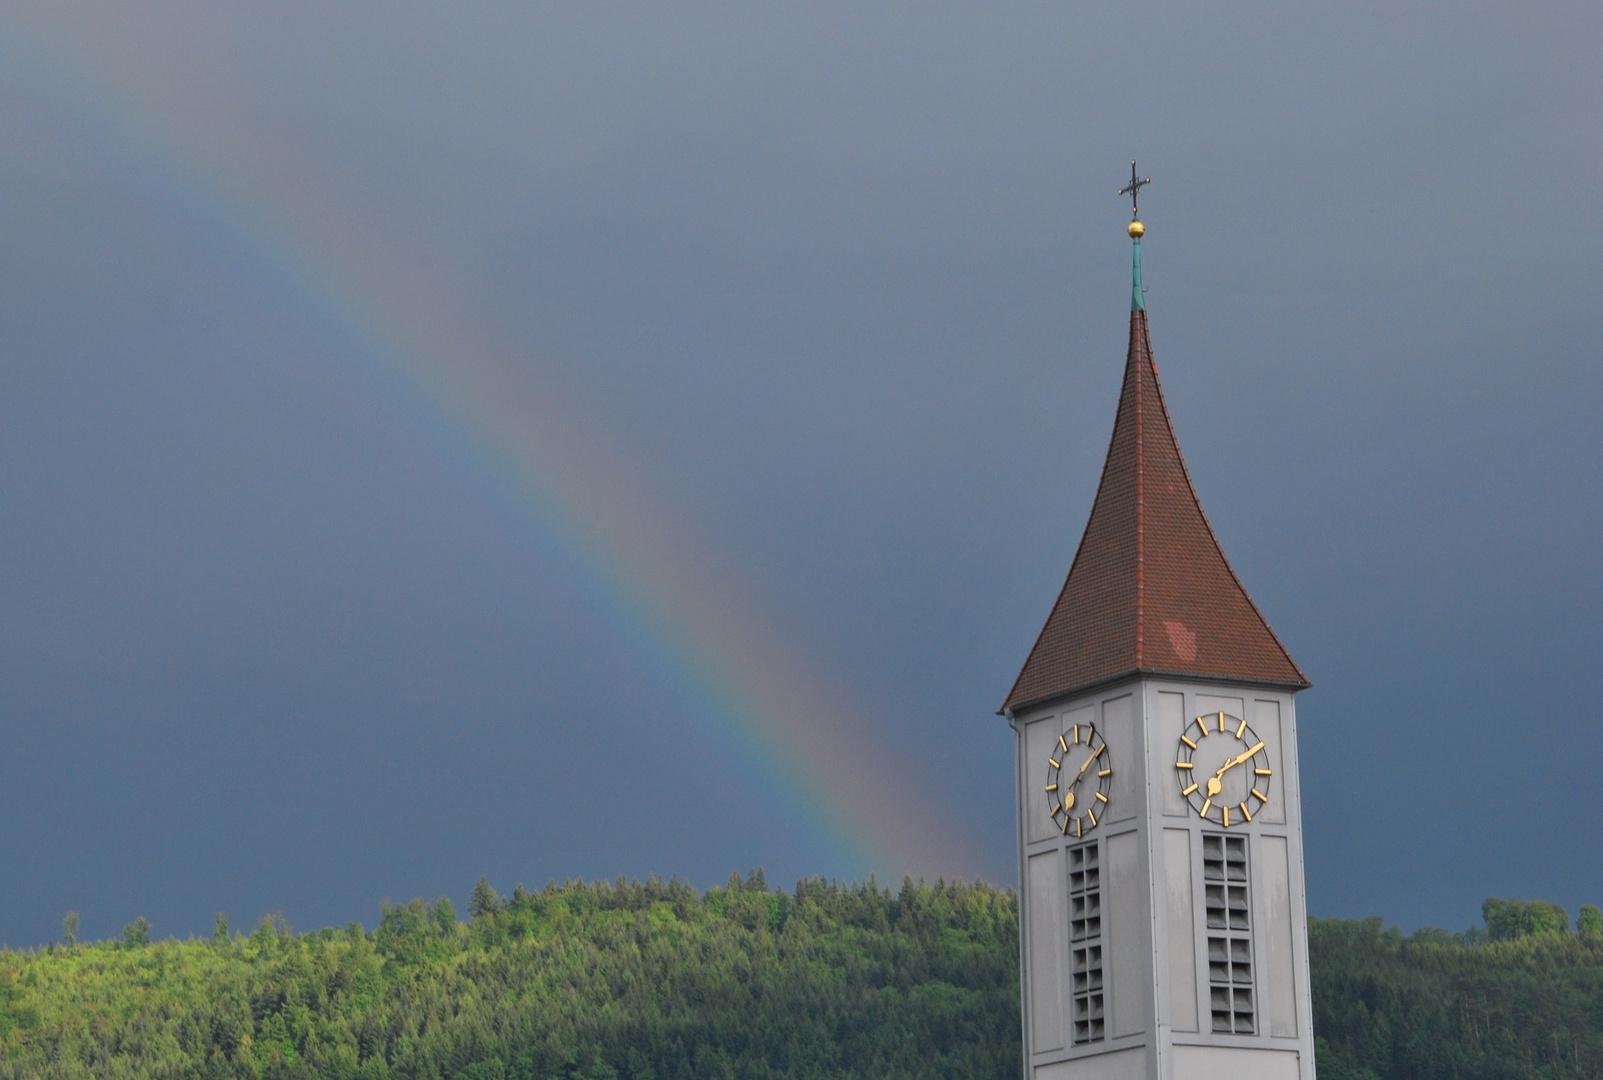 Der Regenbogen!